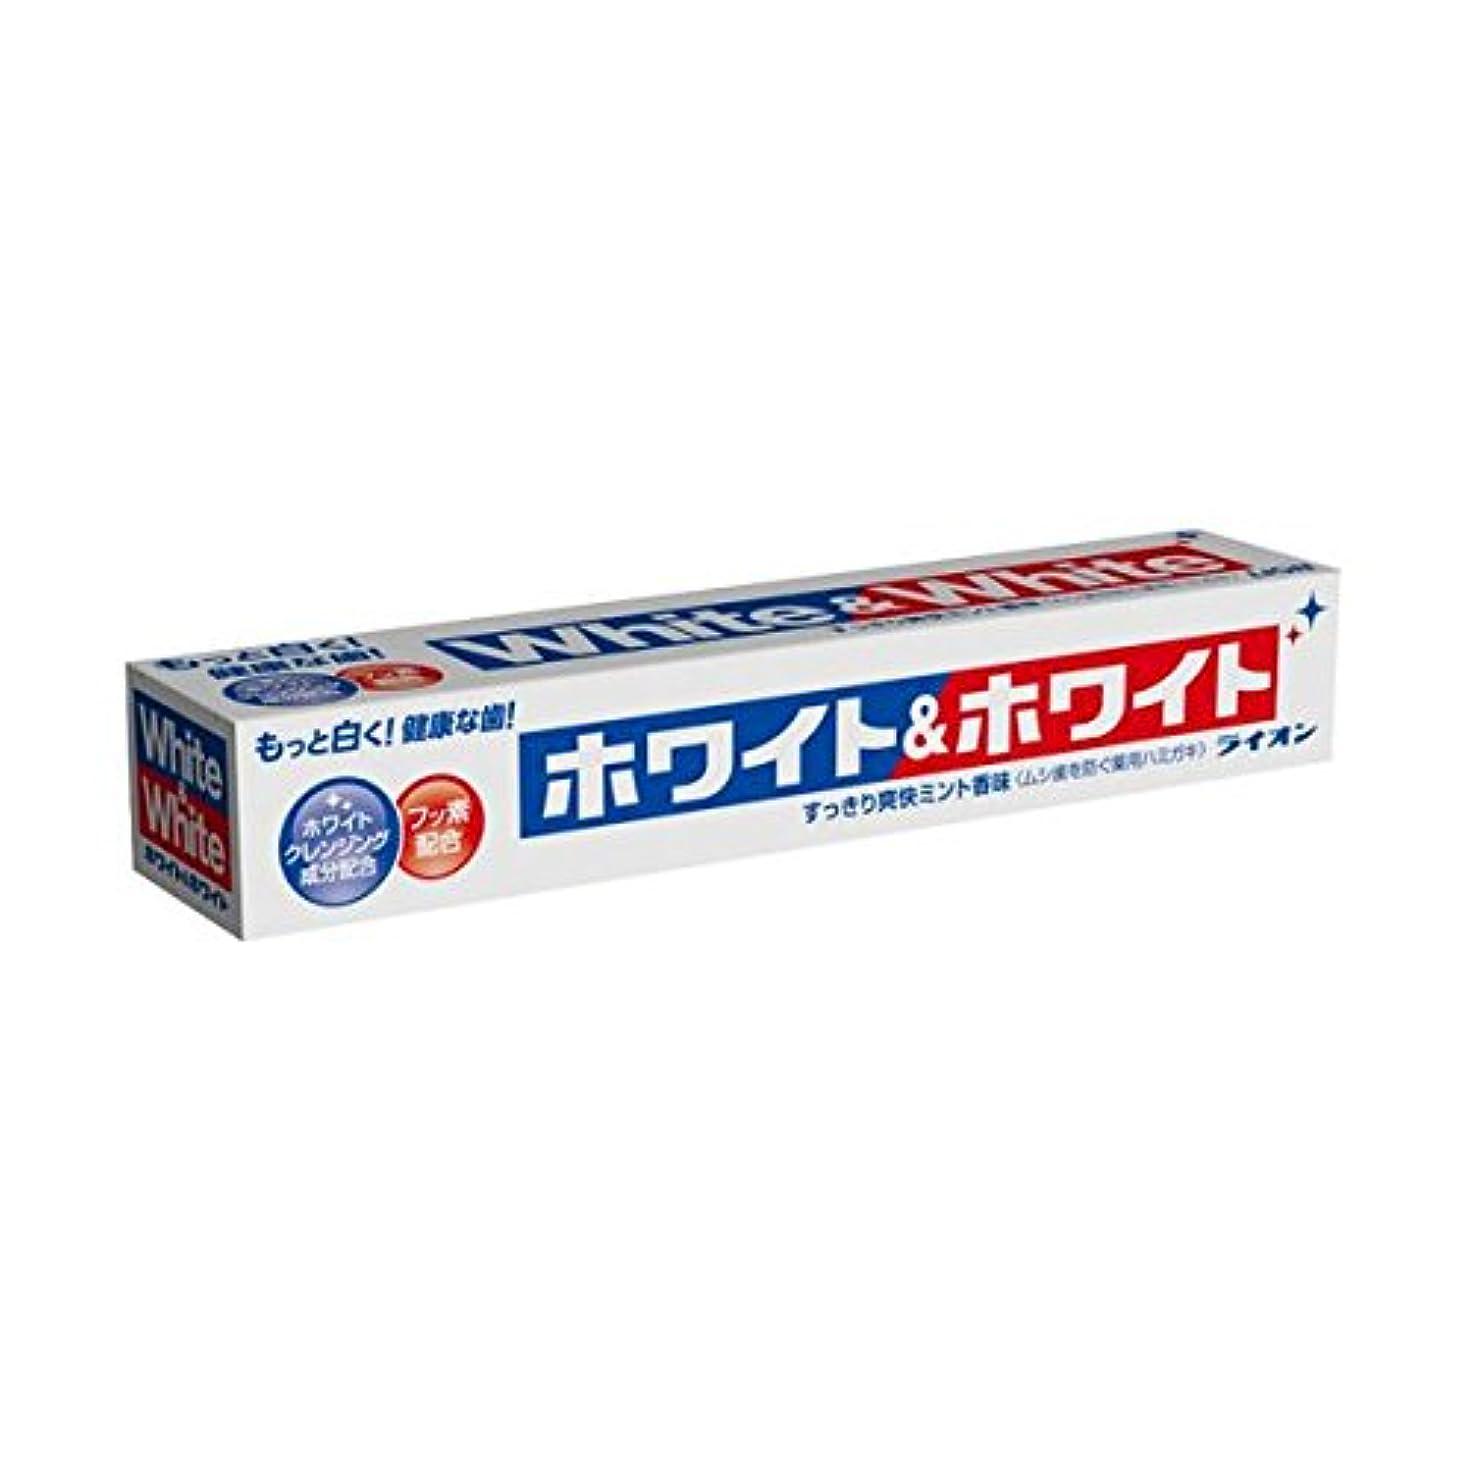 垂直味老人ホワイト&ホワイト 150g ×10個セット